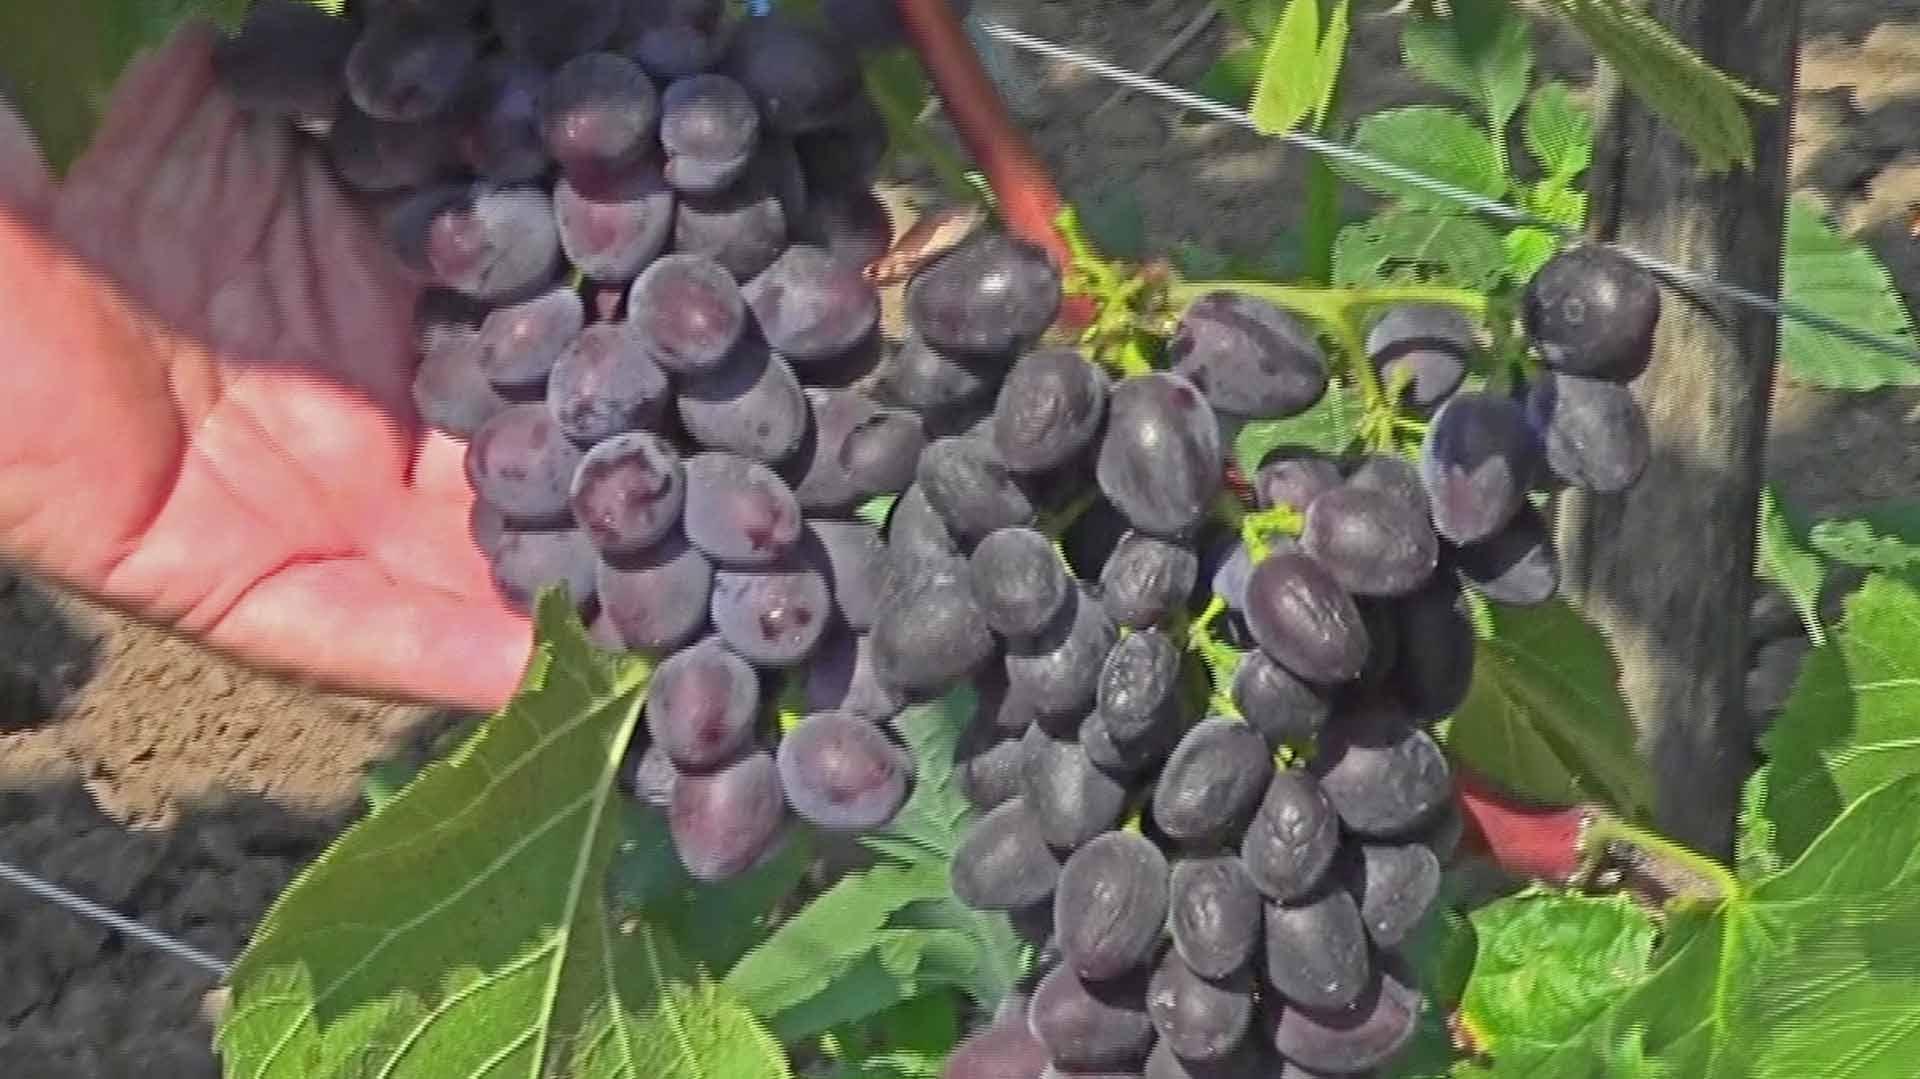 """Виноград """"кишмиш юпитер"""": фото, описание сорта, защита от вредителей и болезней selo.guru — интернет портал о сельском хозяйстве"""